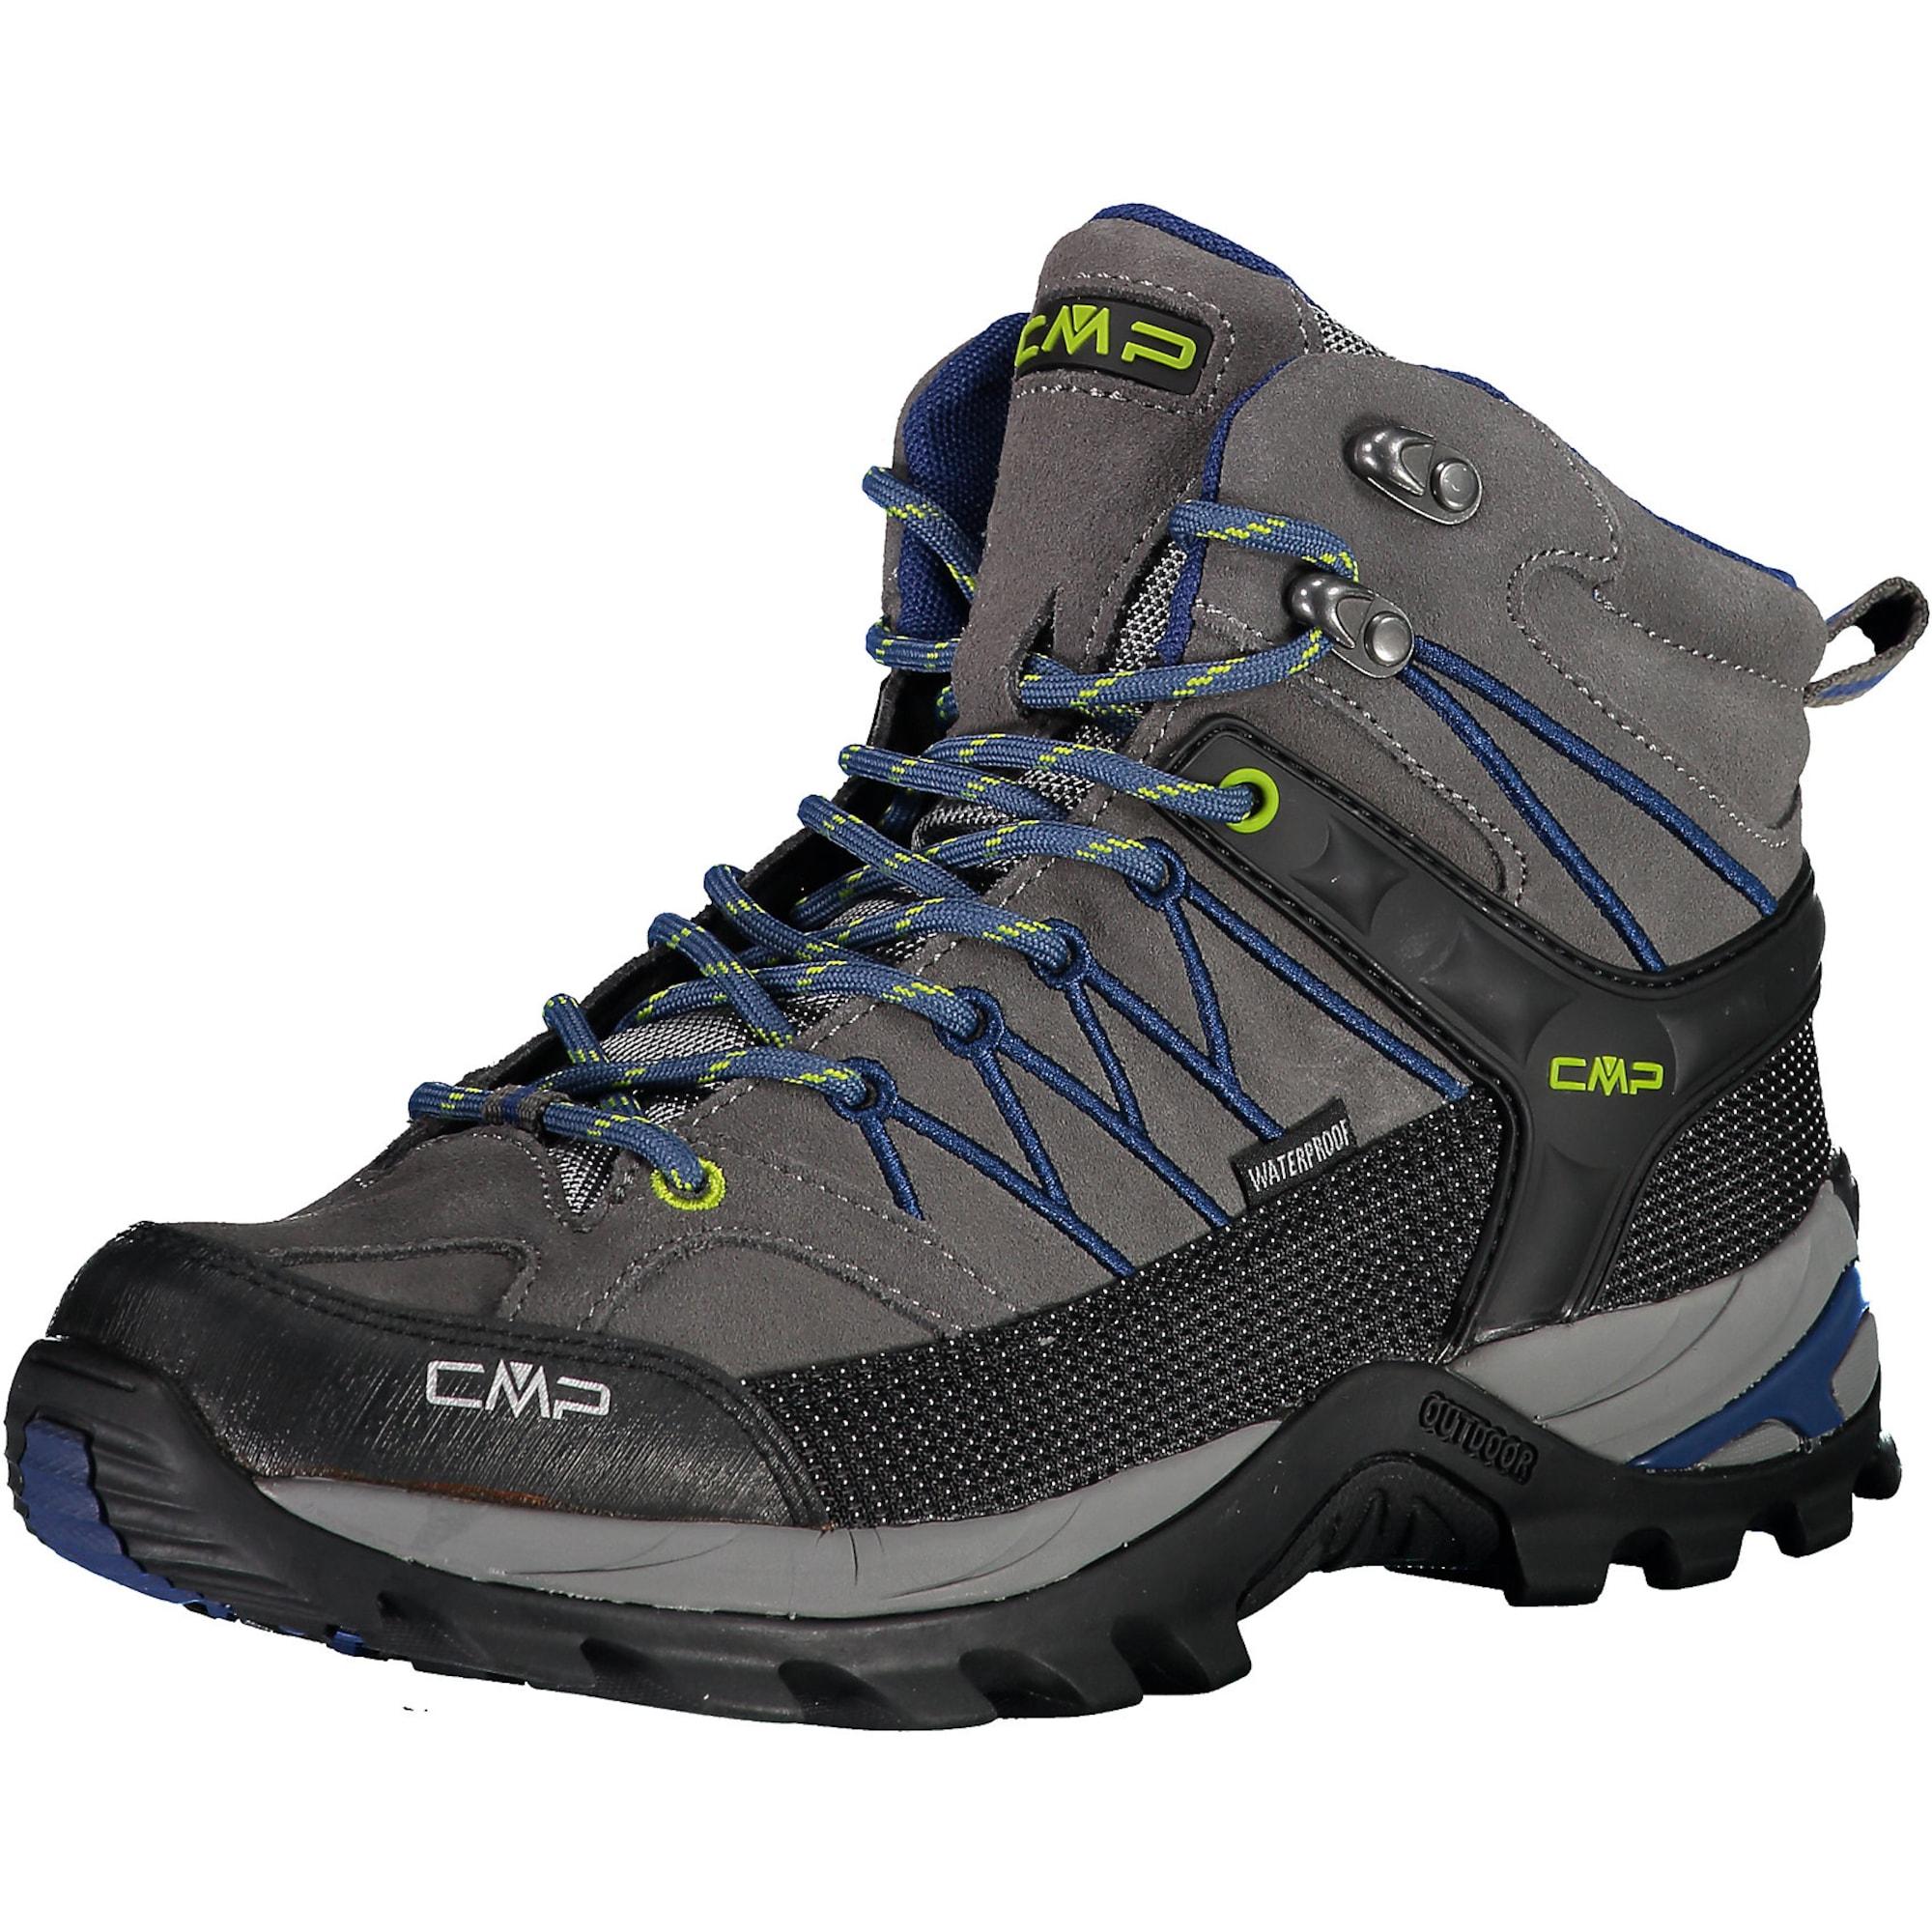 CMP Auliniai batai juoda / tamsiai mėlyna / tamsiai pilka / nendrių spalva